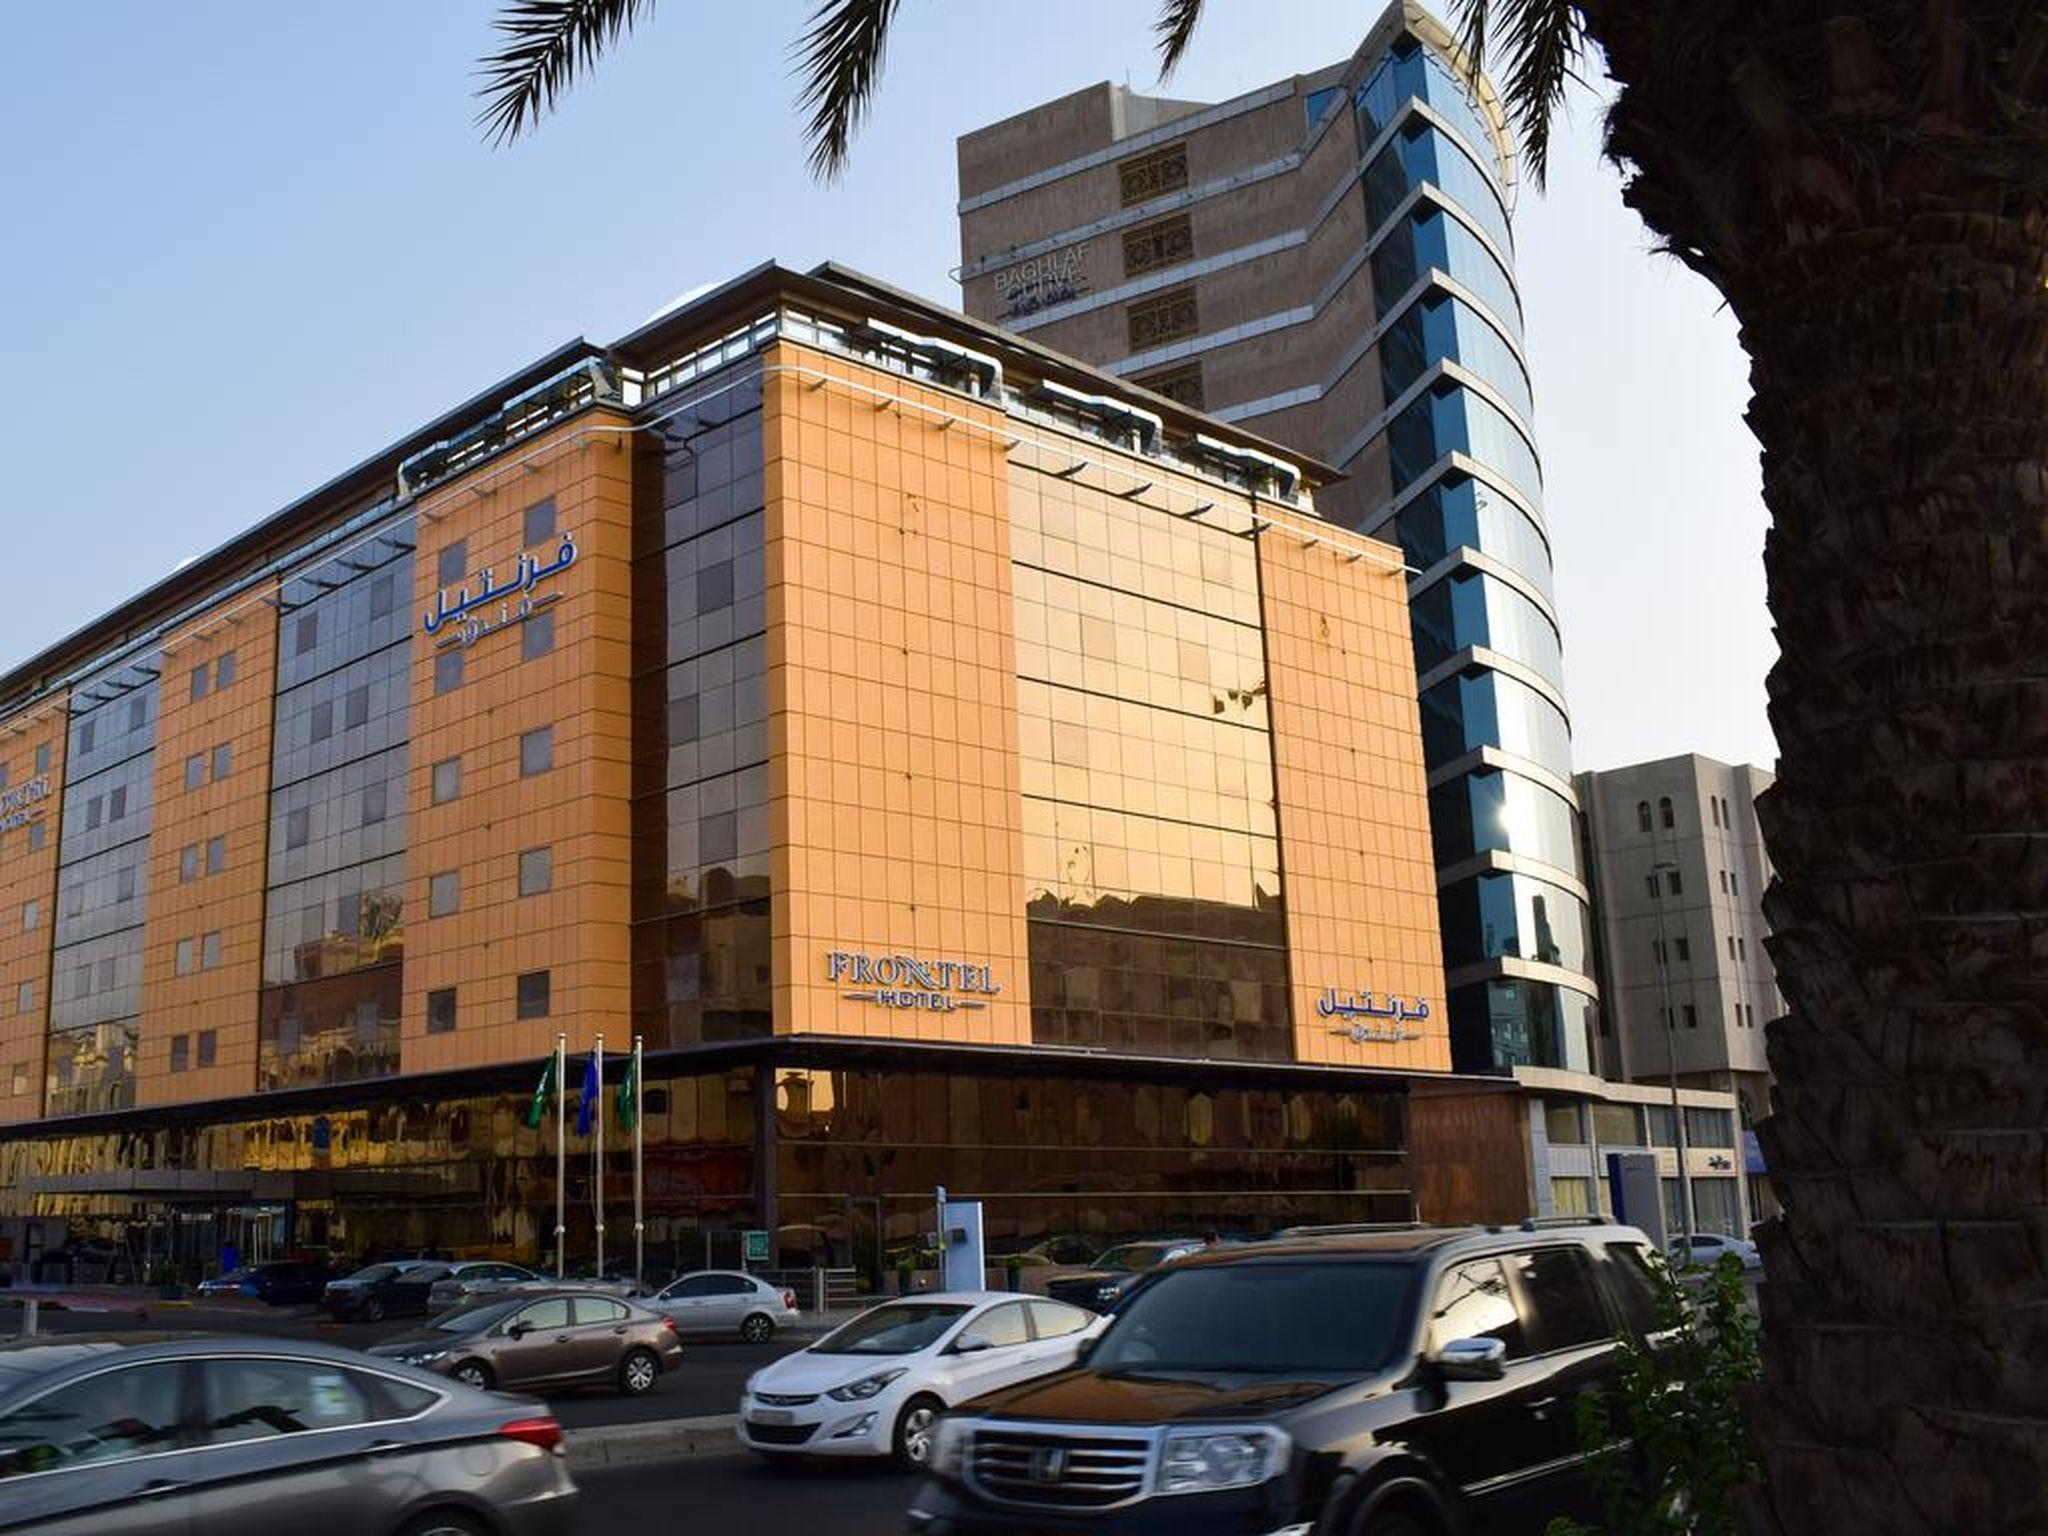 Frontel hotel, Jeddah